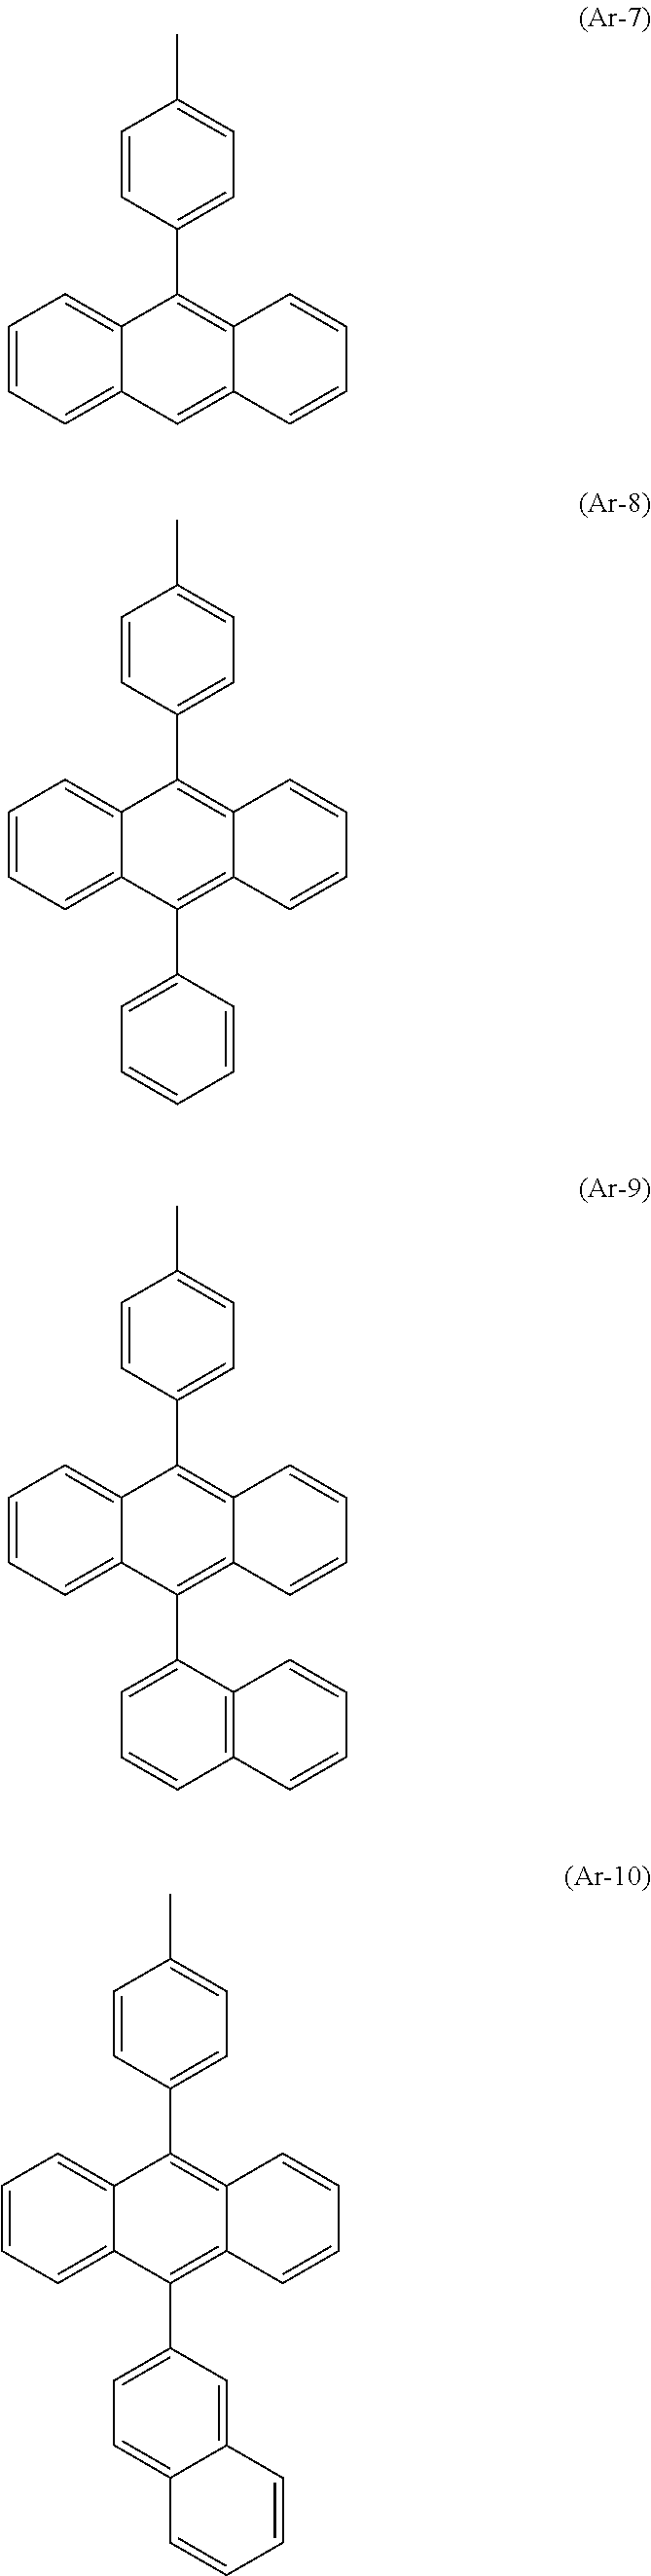 Figure US20130020561A1-20130124-C00018